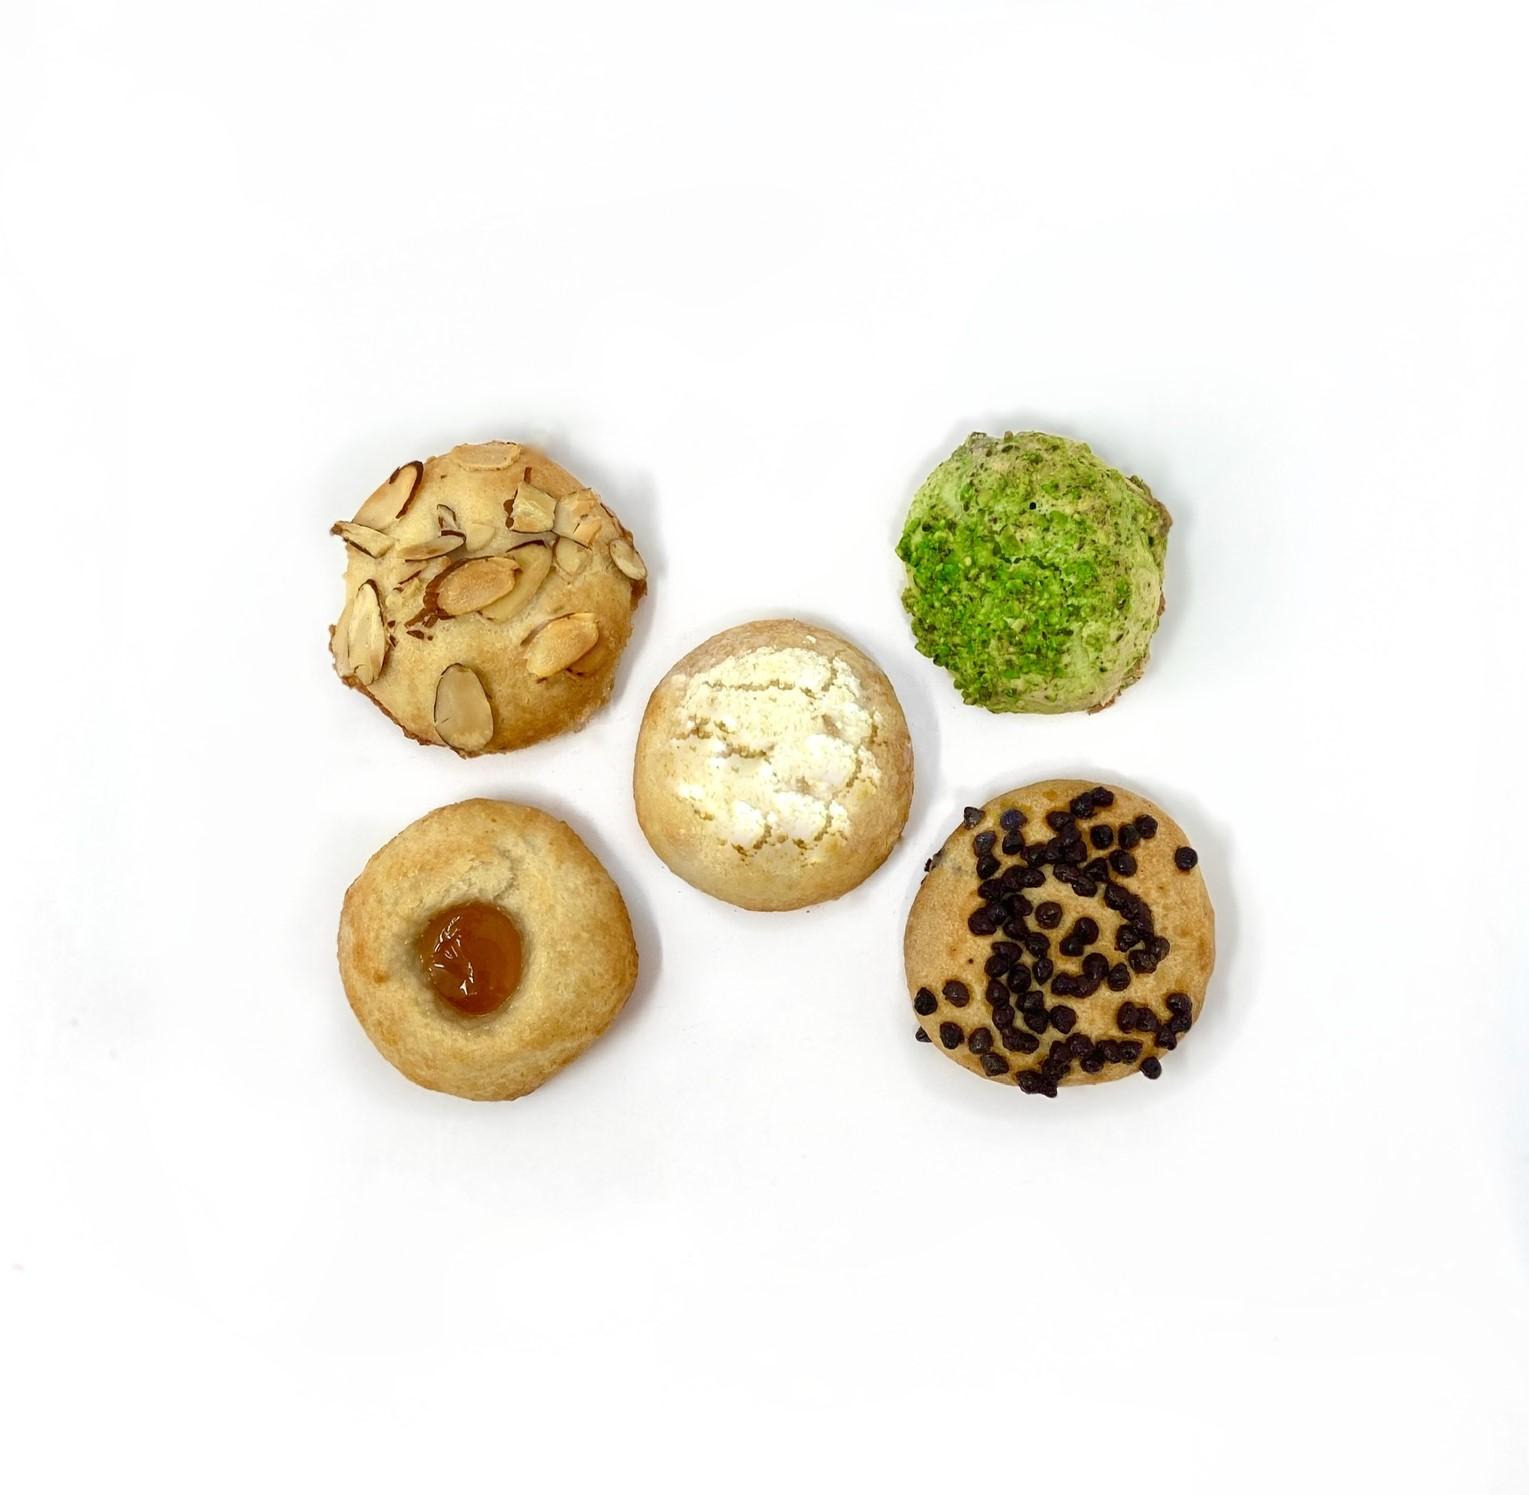 Dream Cookies C40, C41, C42, C43, C44 Almond, Pistachio, Lemon, Apricot, Nocciolata